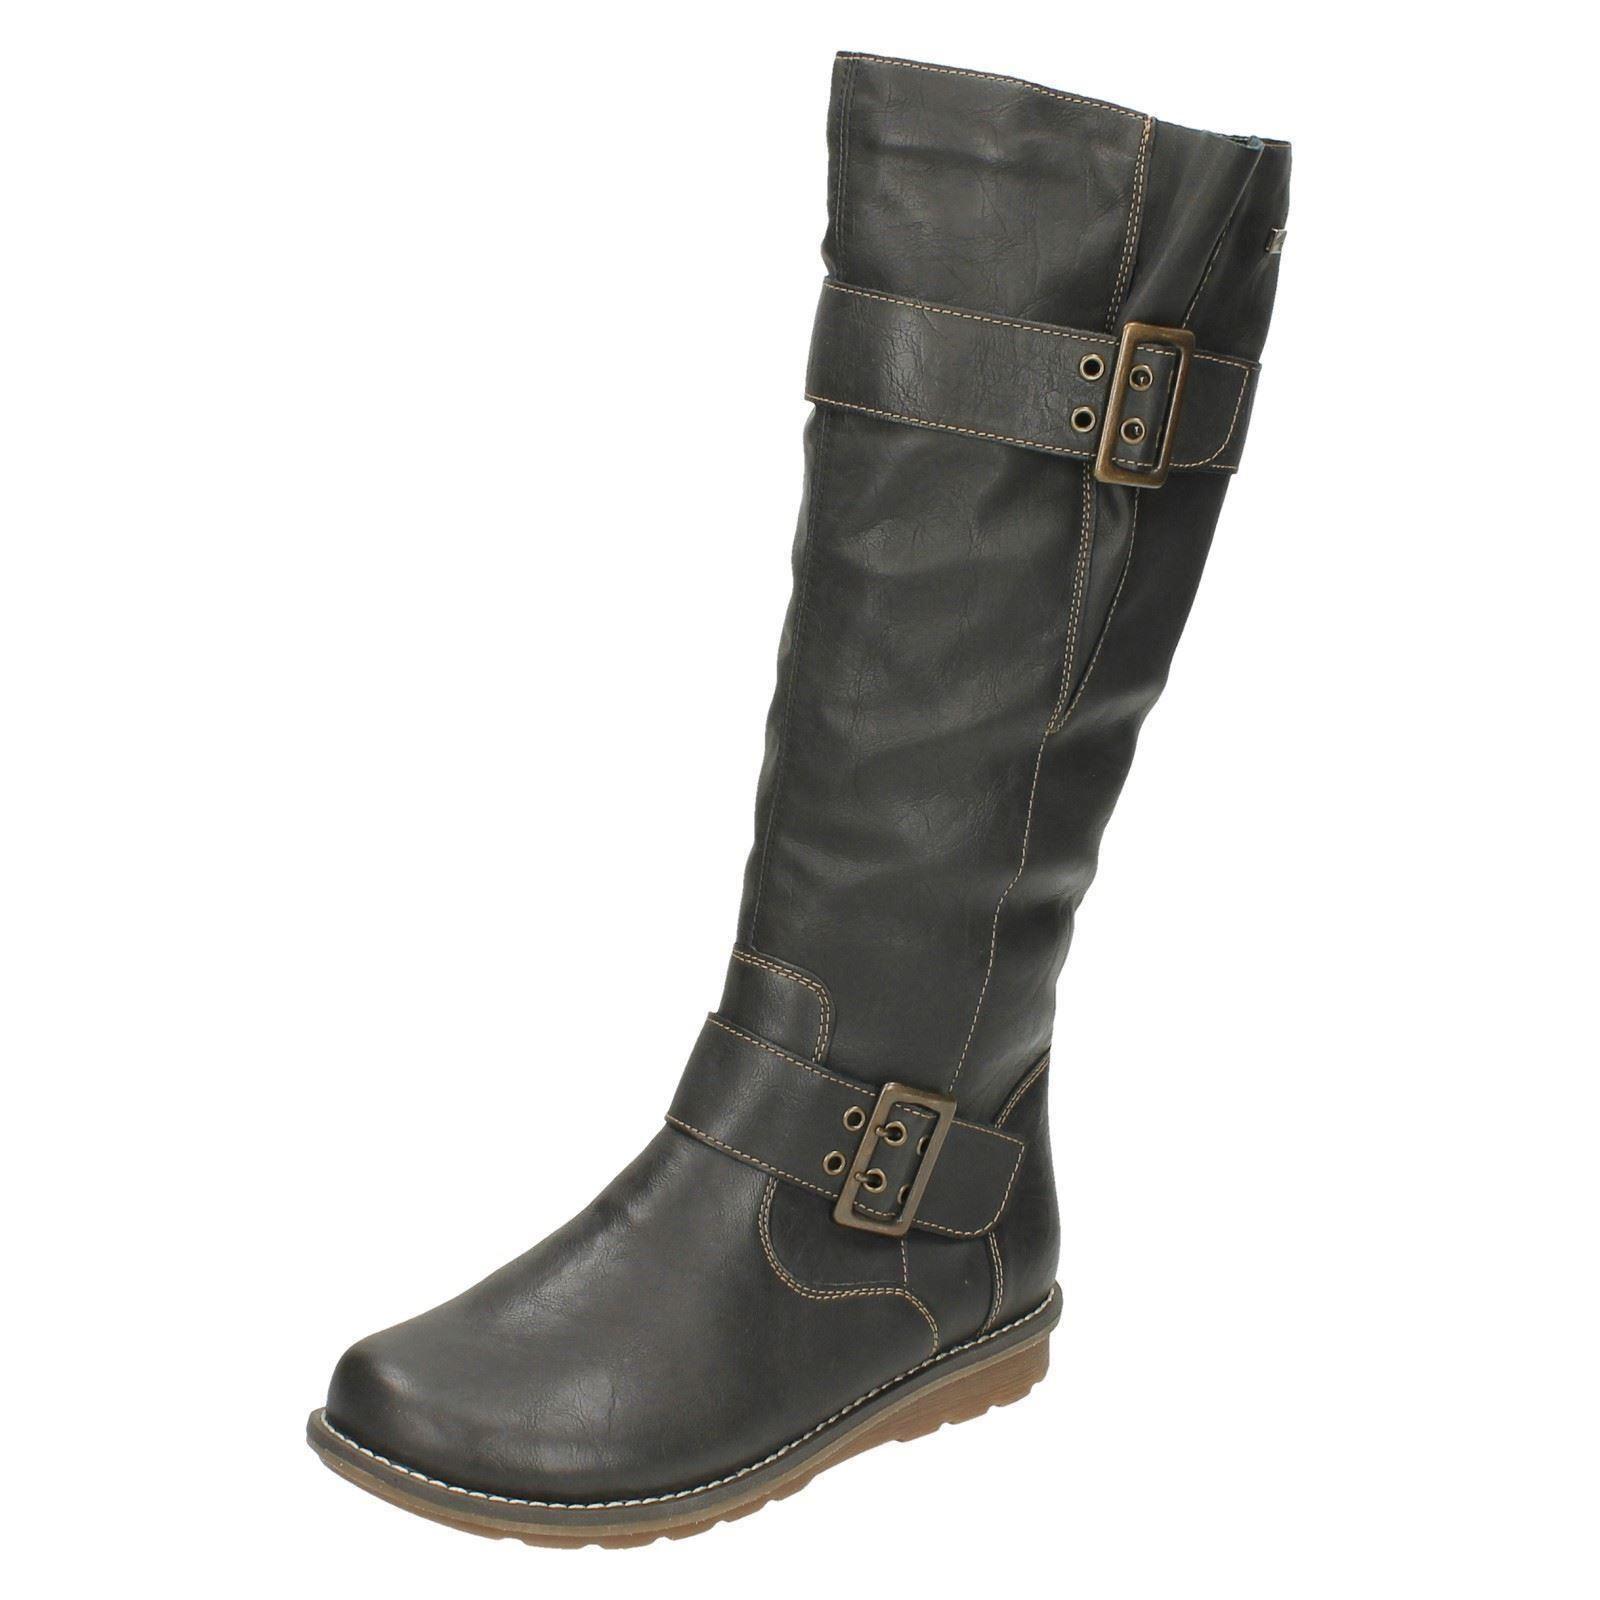 Mujer Remonte Remonte Remonte Forro Cálido botas Altas - R1073  a la venta